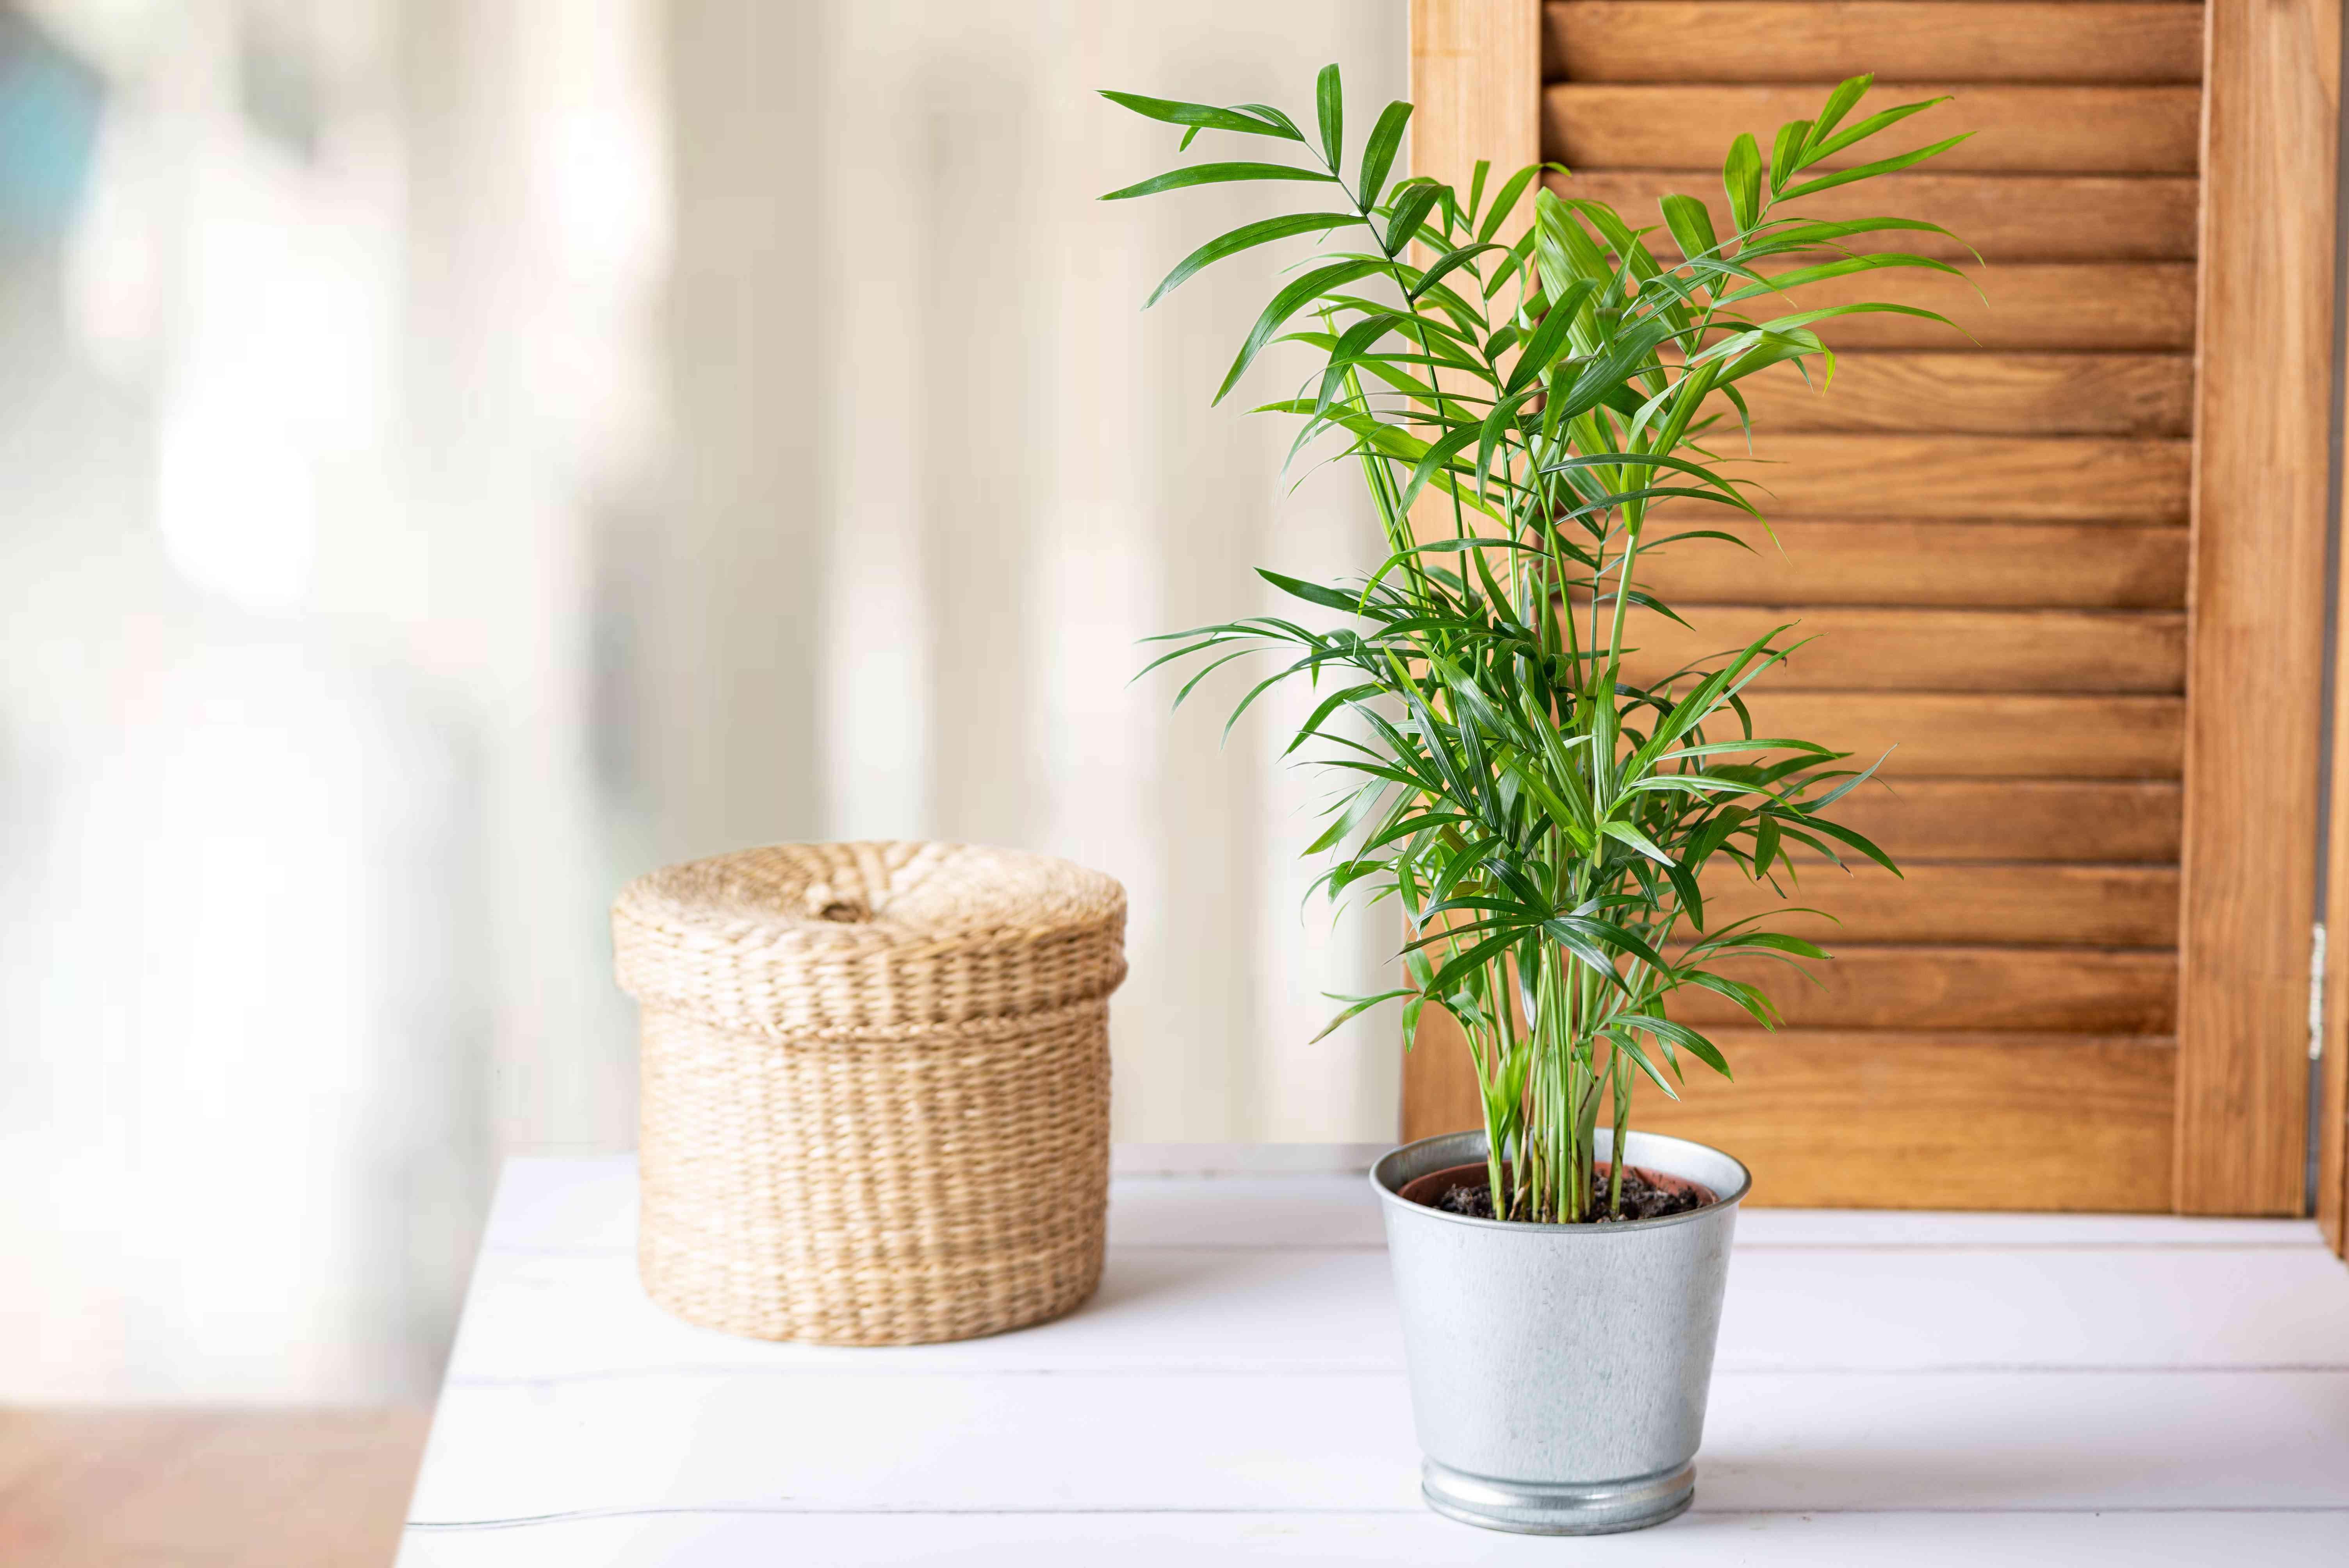 house plants as an air freshener